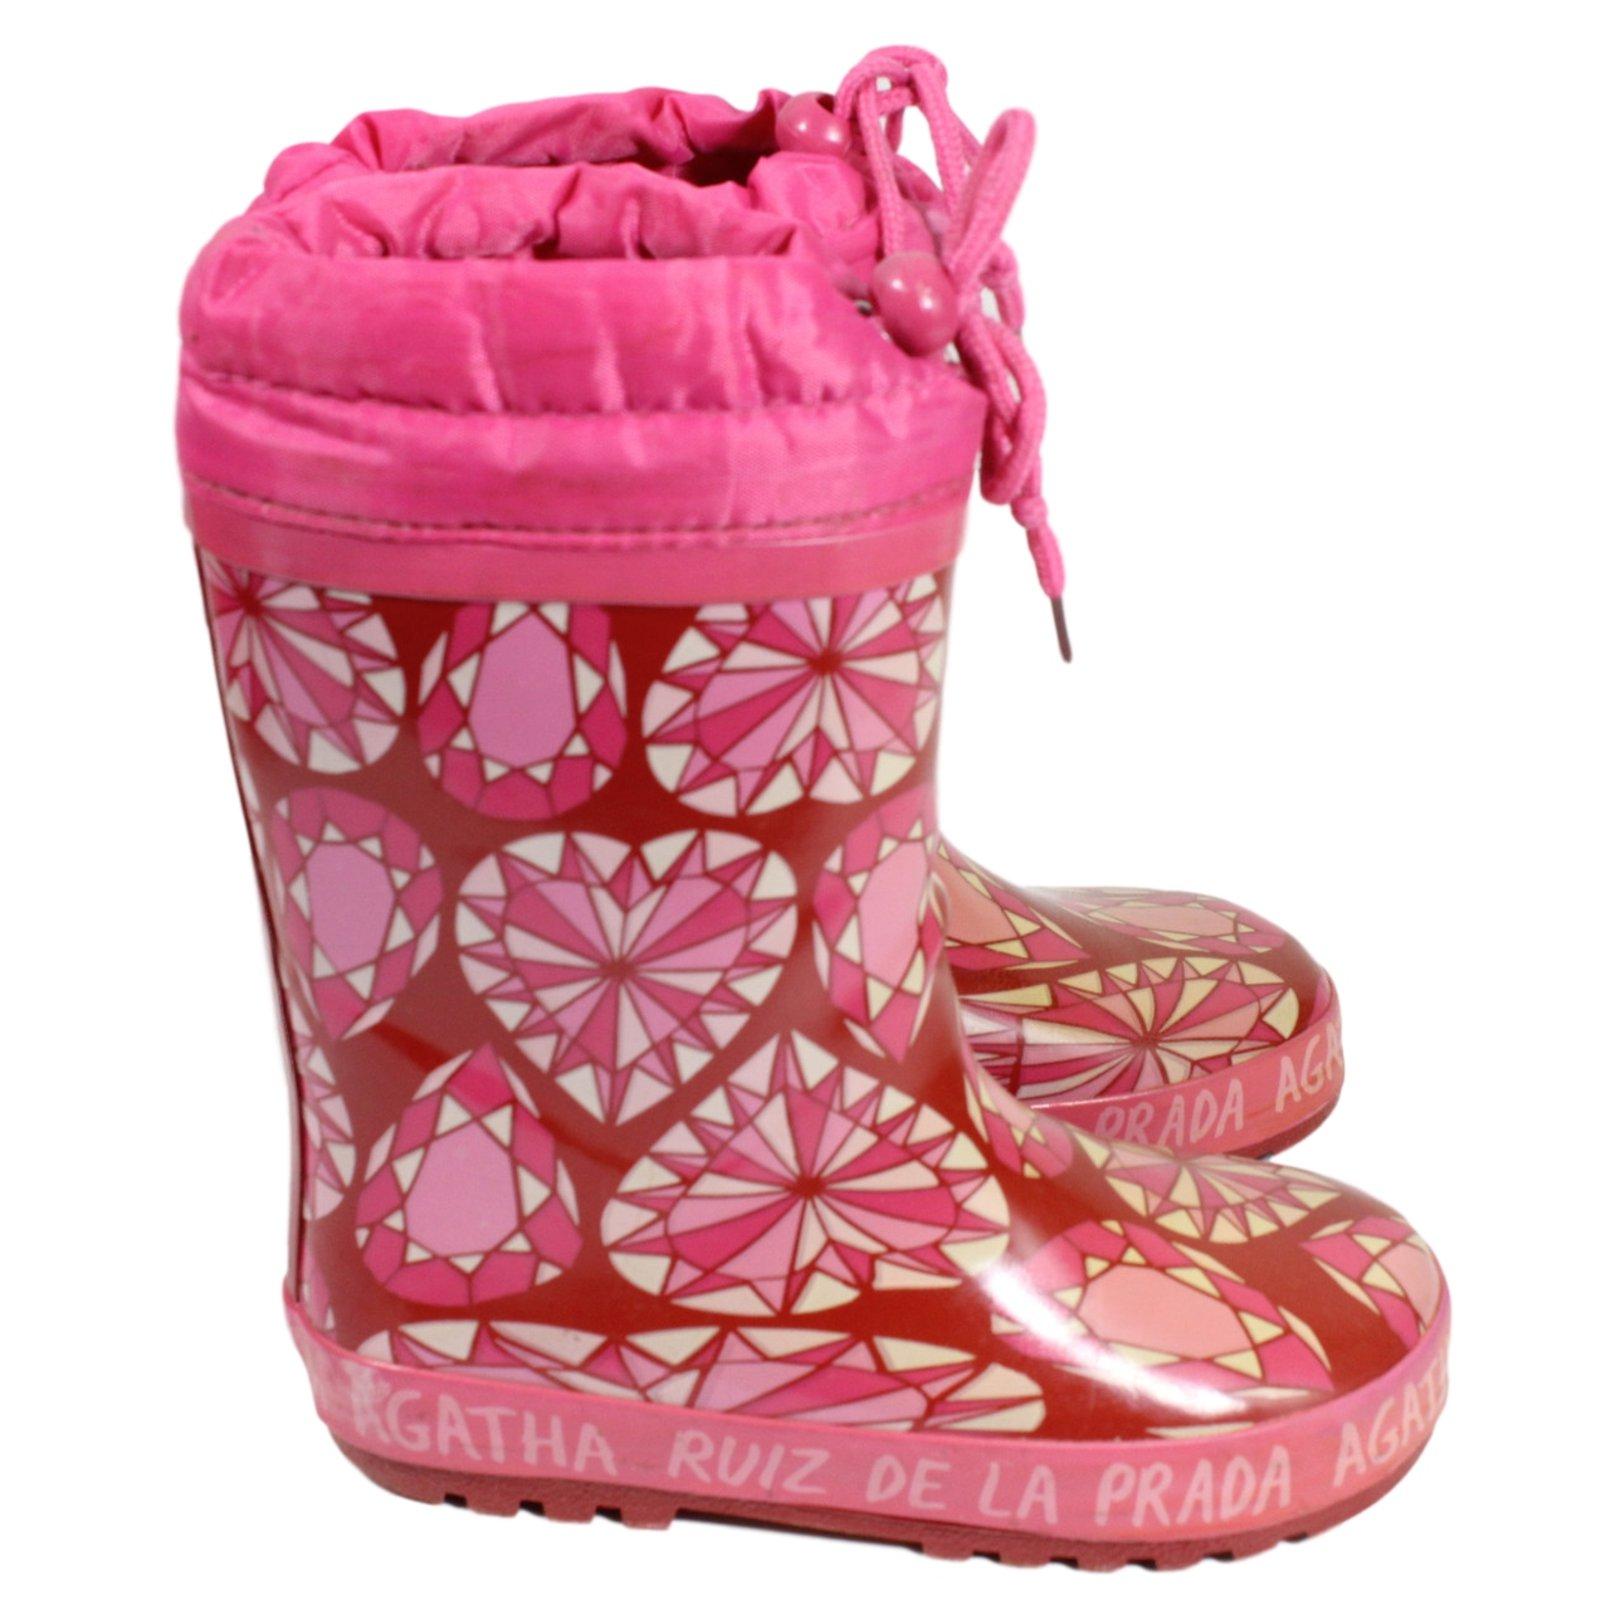 bottes bottines agatha ruiz de la prada moon boots enfant tissu rose joli closet. Black Bedroom Furniture Sets. Home Design Ideas